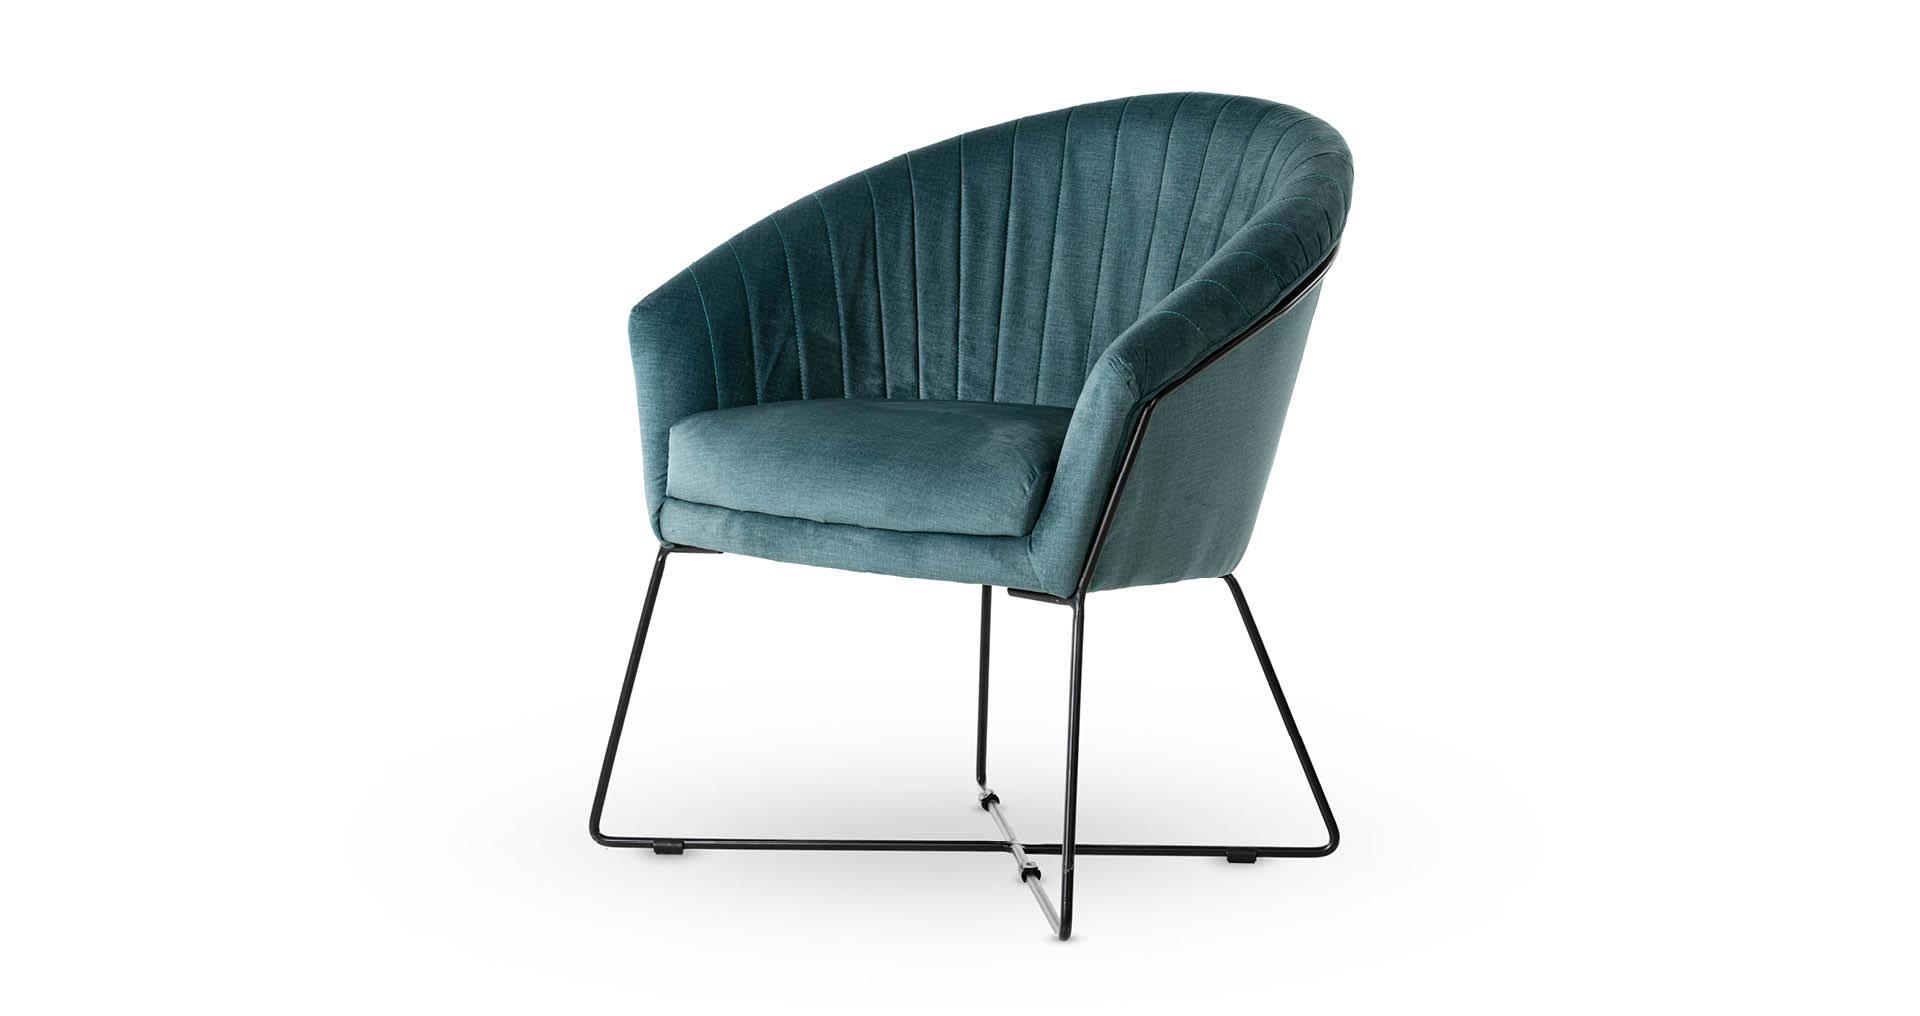 כורסא פליס בגוון כחול פטרול